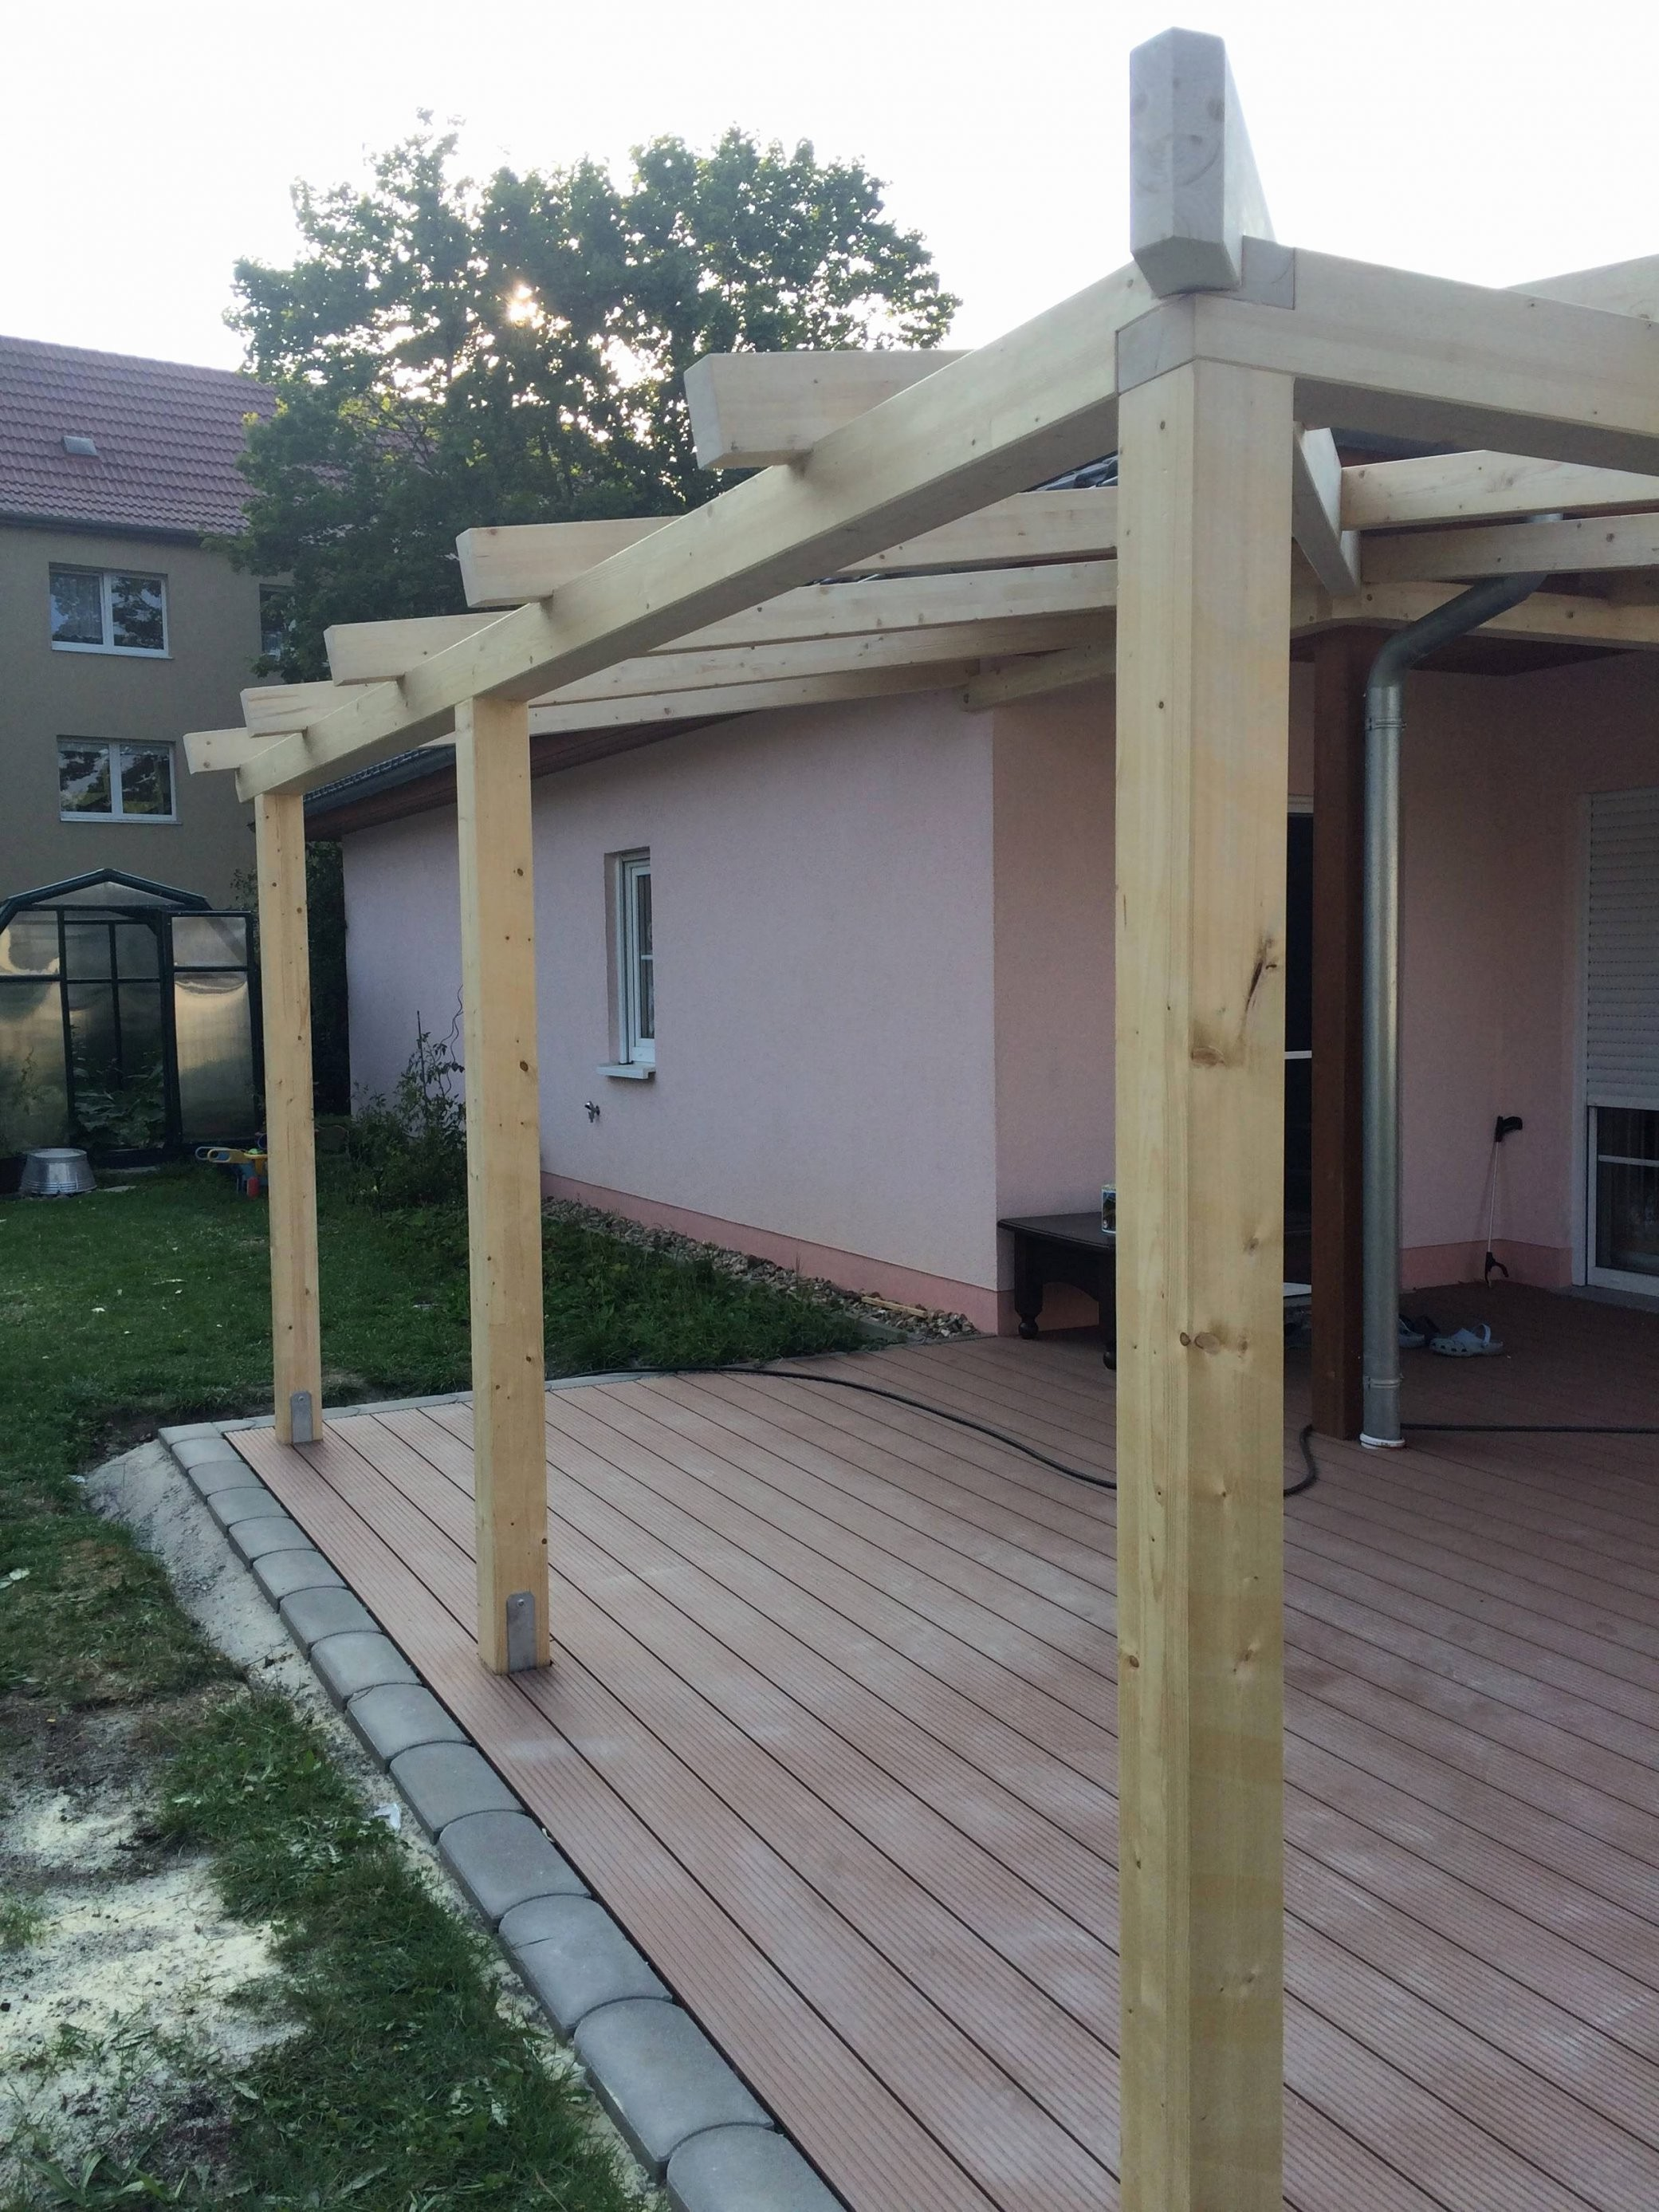 Wie Baue Ich Eine Terrassenüberdachung Jedes 22 Inspirierend von Terrassenüberdachung Selber Bauen Anleitung Bild